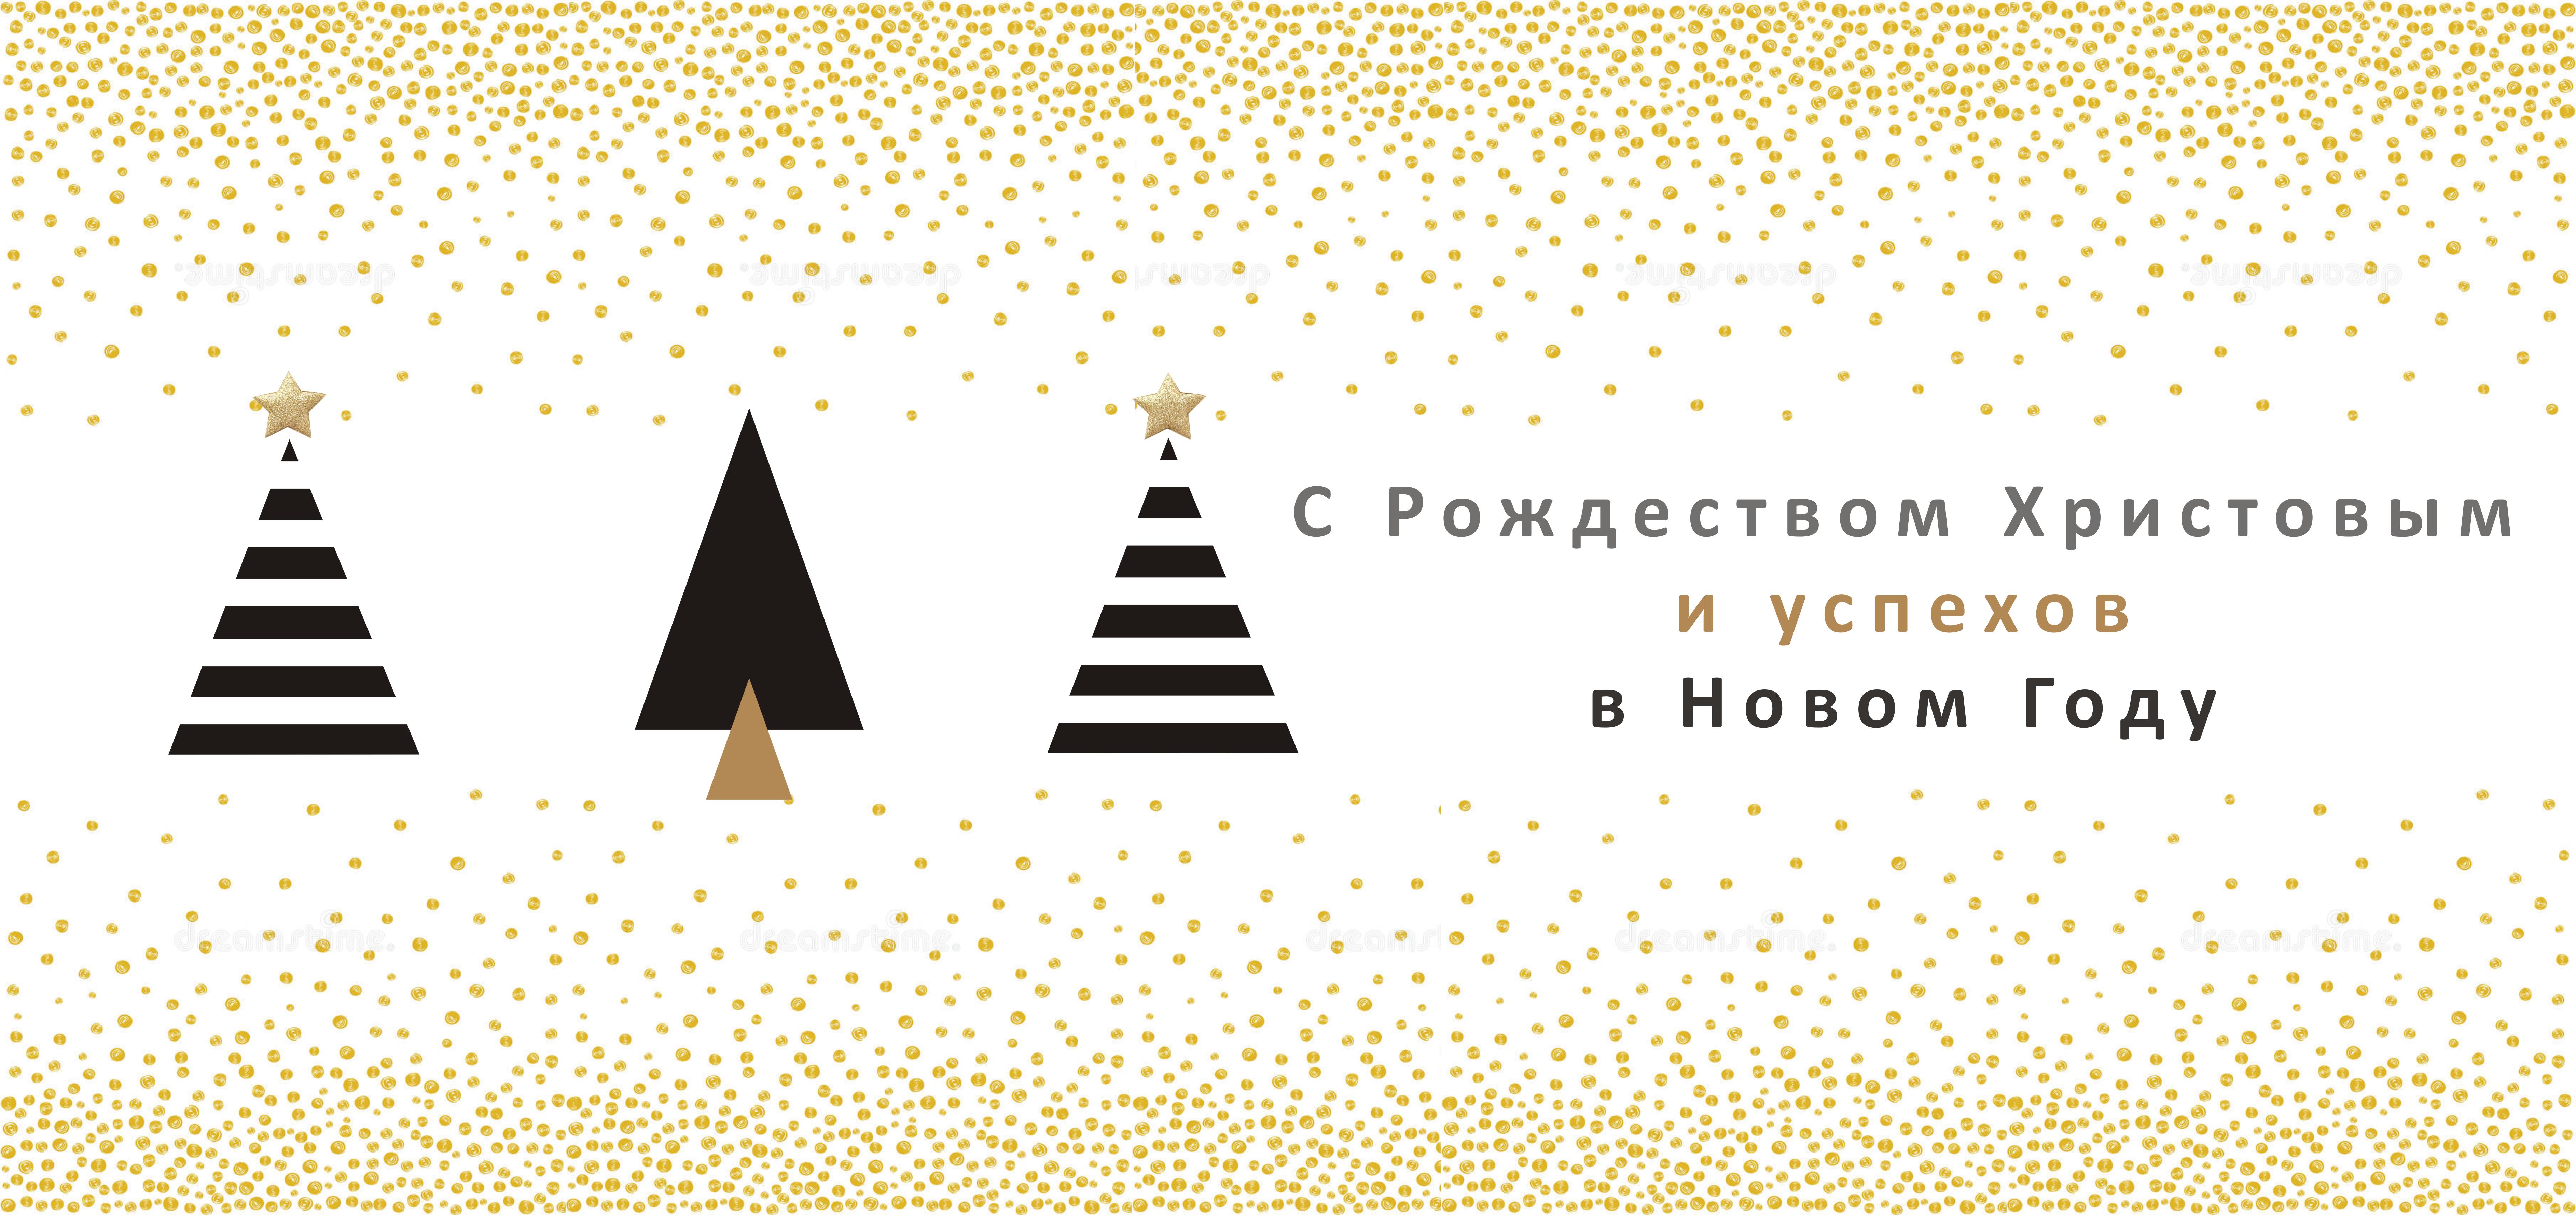 Boże-narodzenie-str-internetowa-2018_RUS